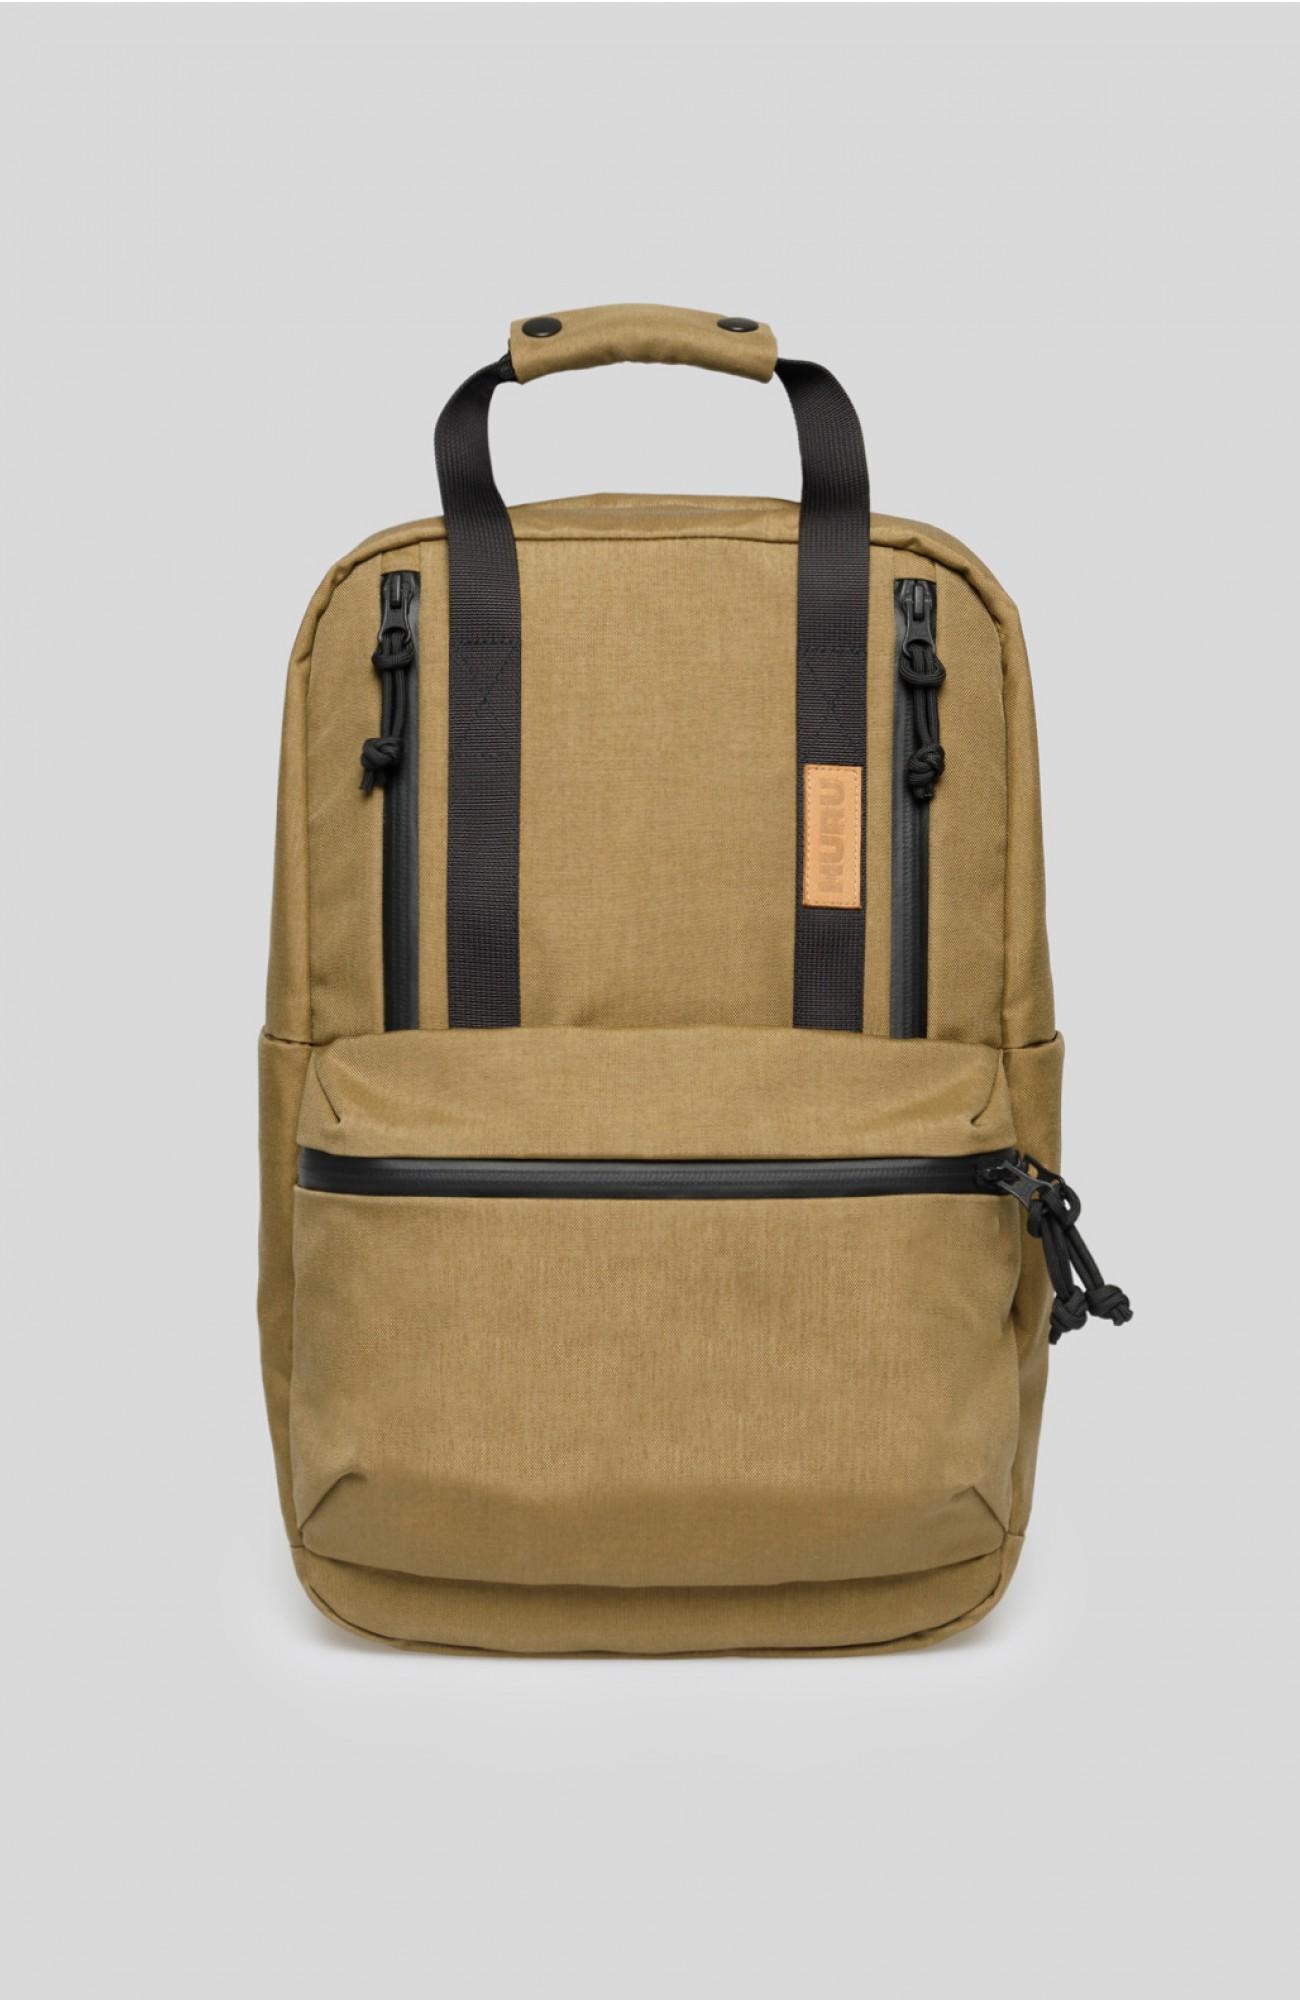 Рюкзак HURU, model S, brown